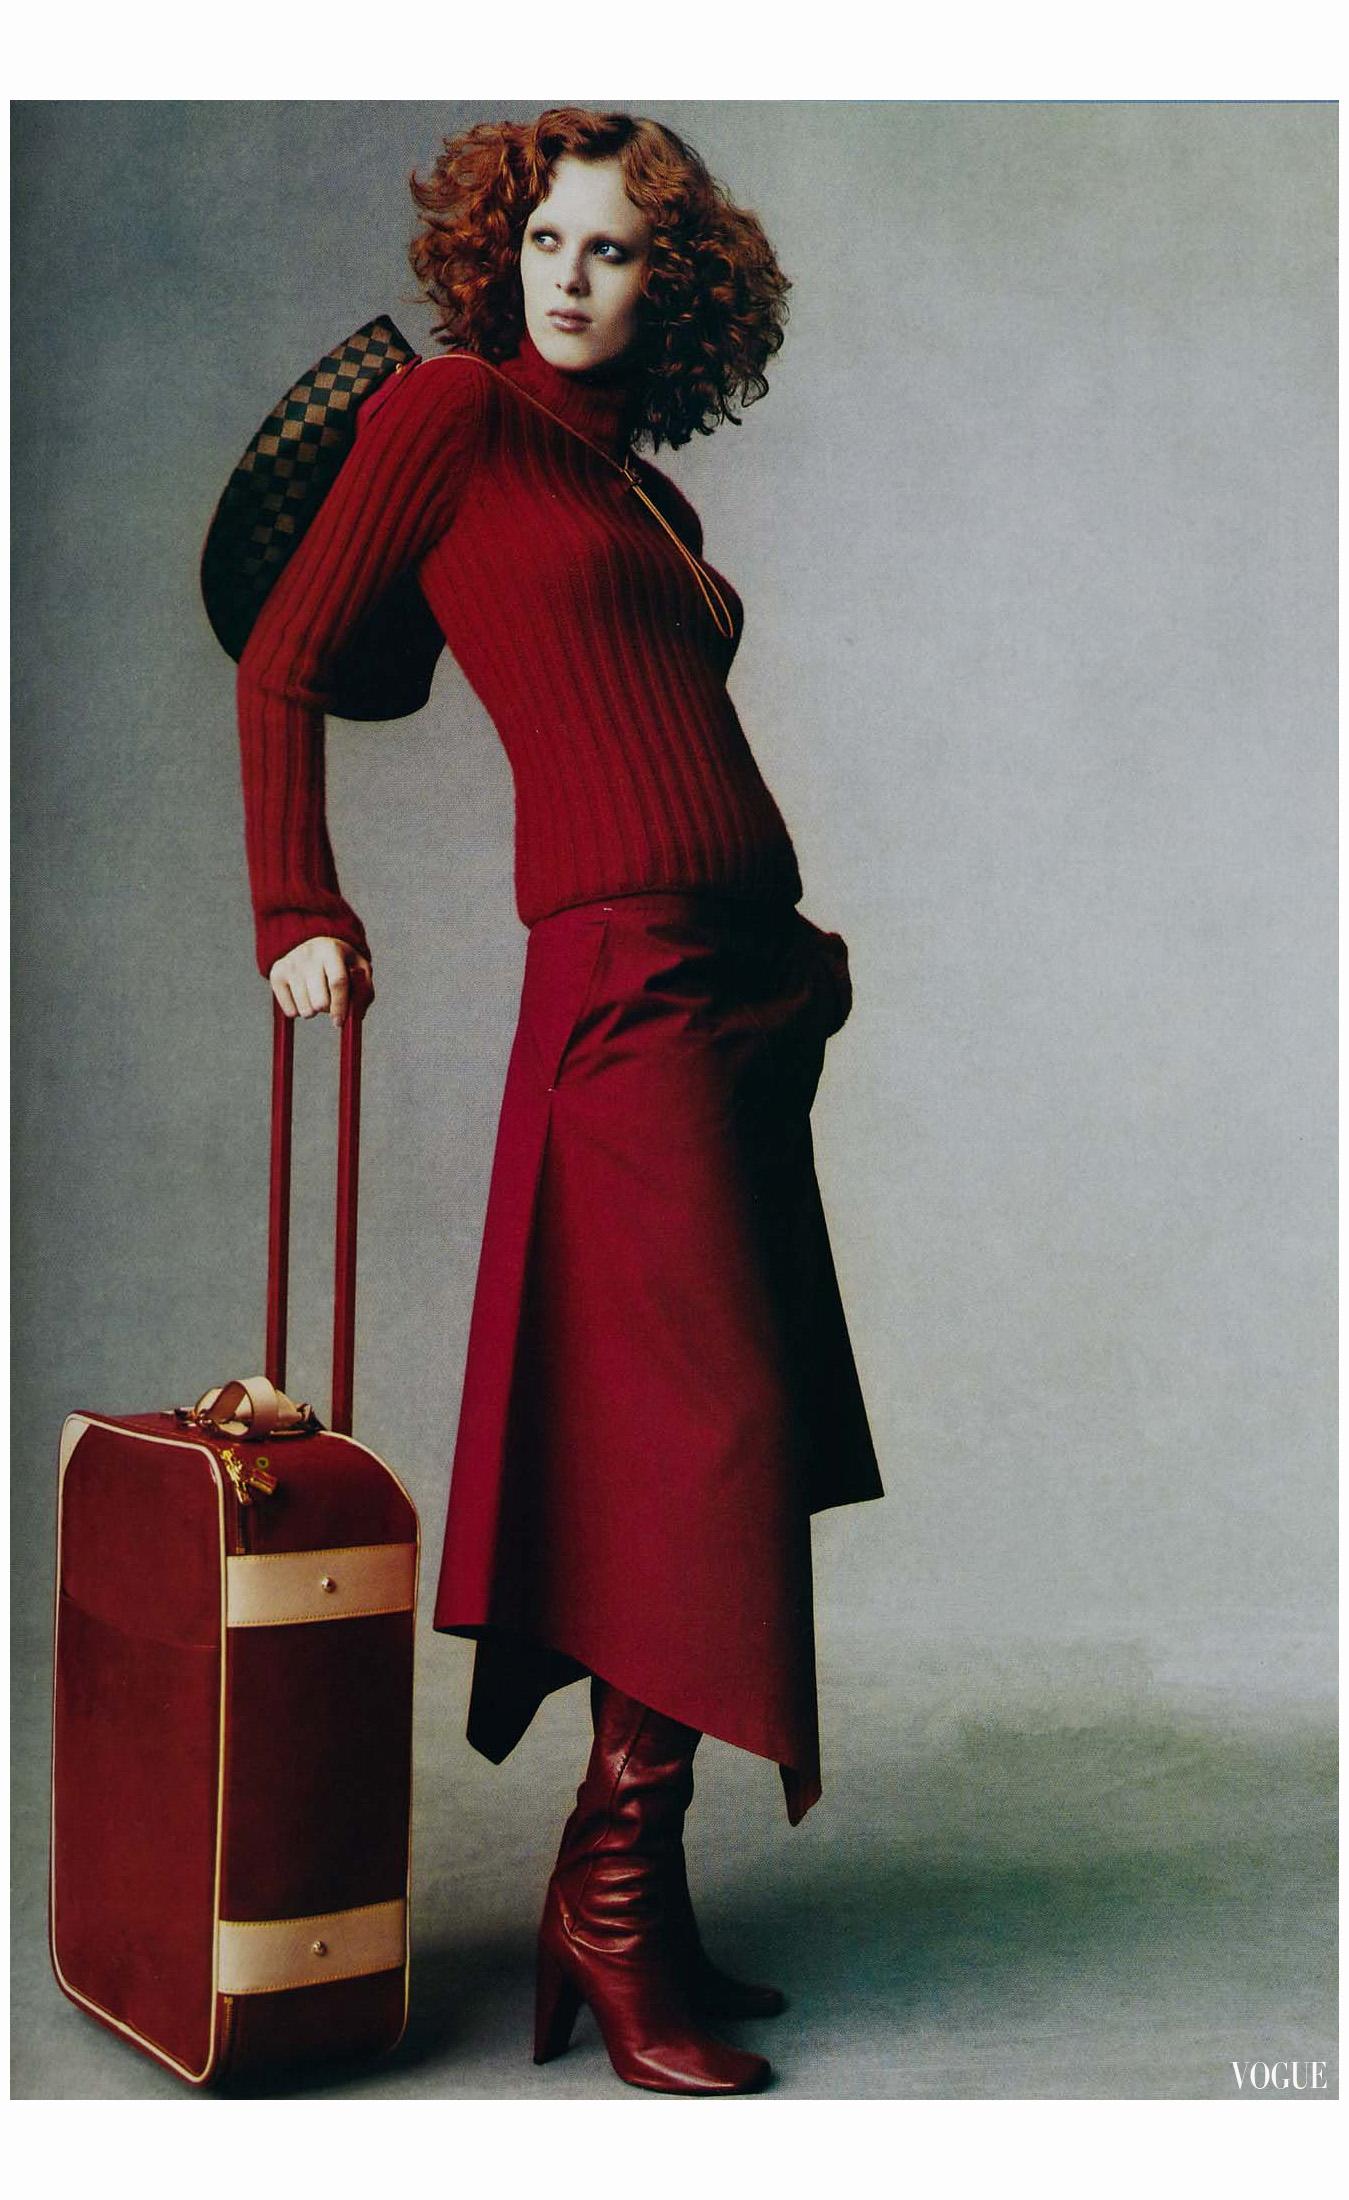 Karen Elson Louis Vuitton Vogue 04cc5944b37d7